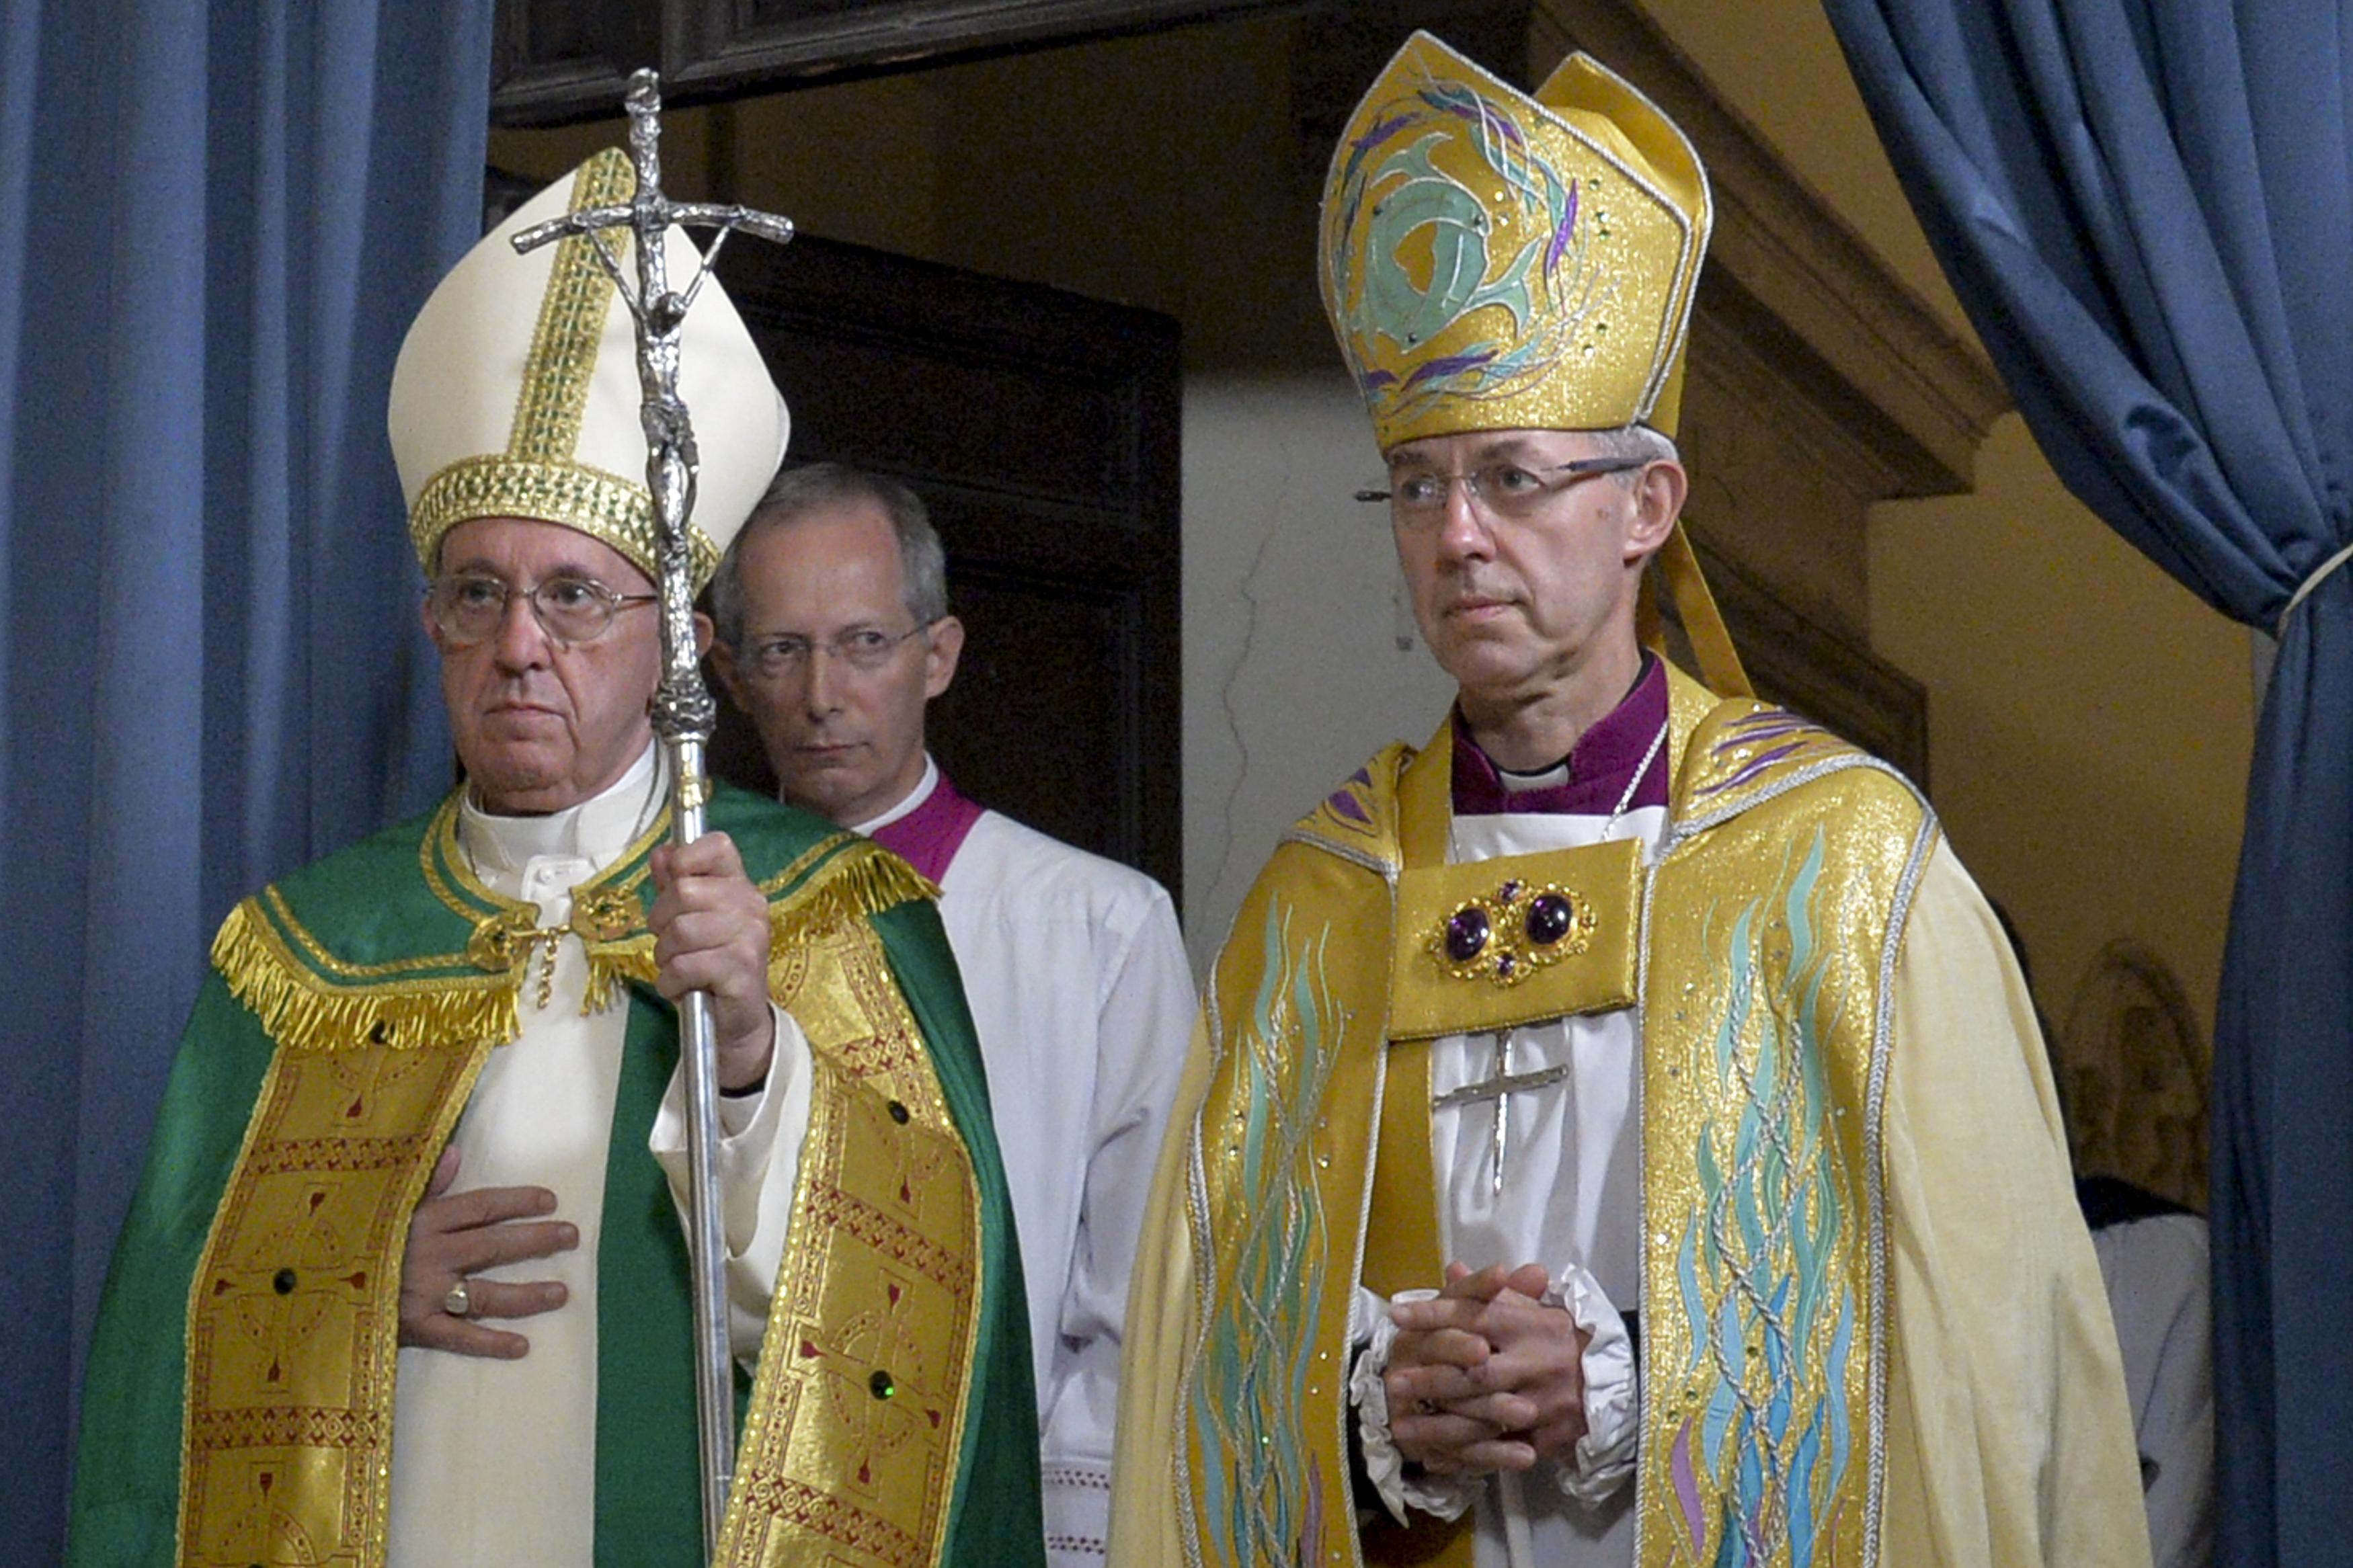 El papa Francisco a la izquierda y el arzobispo de Canterbury Justin Welby a la derecha en la celebración de las Vísperas en la Iglesia de San Gregorio al Celio, en Roma el 5 de octubre de 2016.  AFP PHOTO / ANDREAS SOLARO